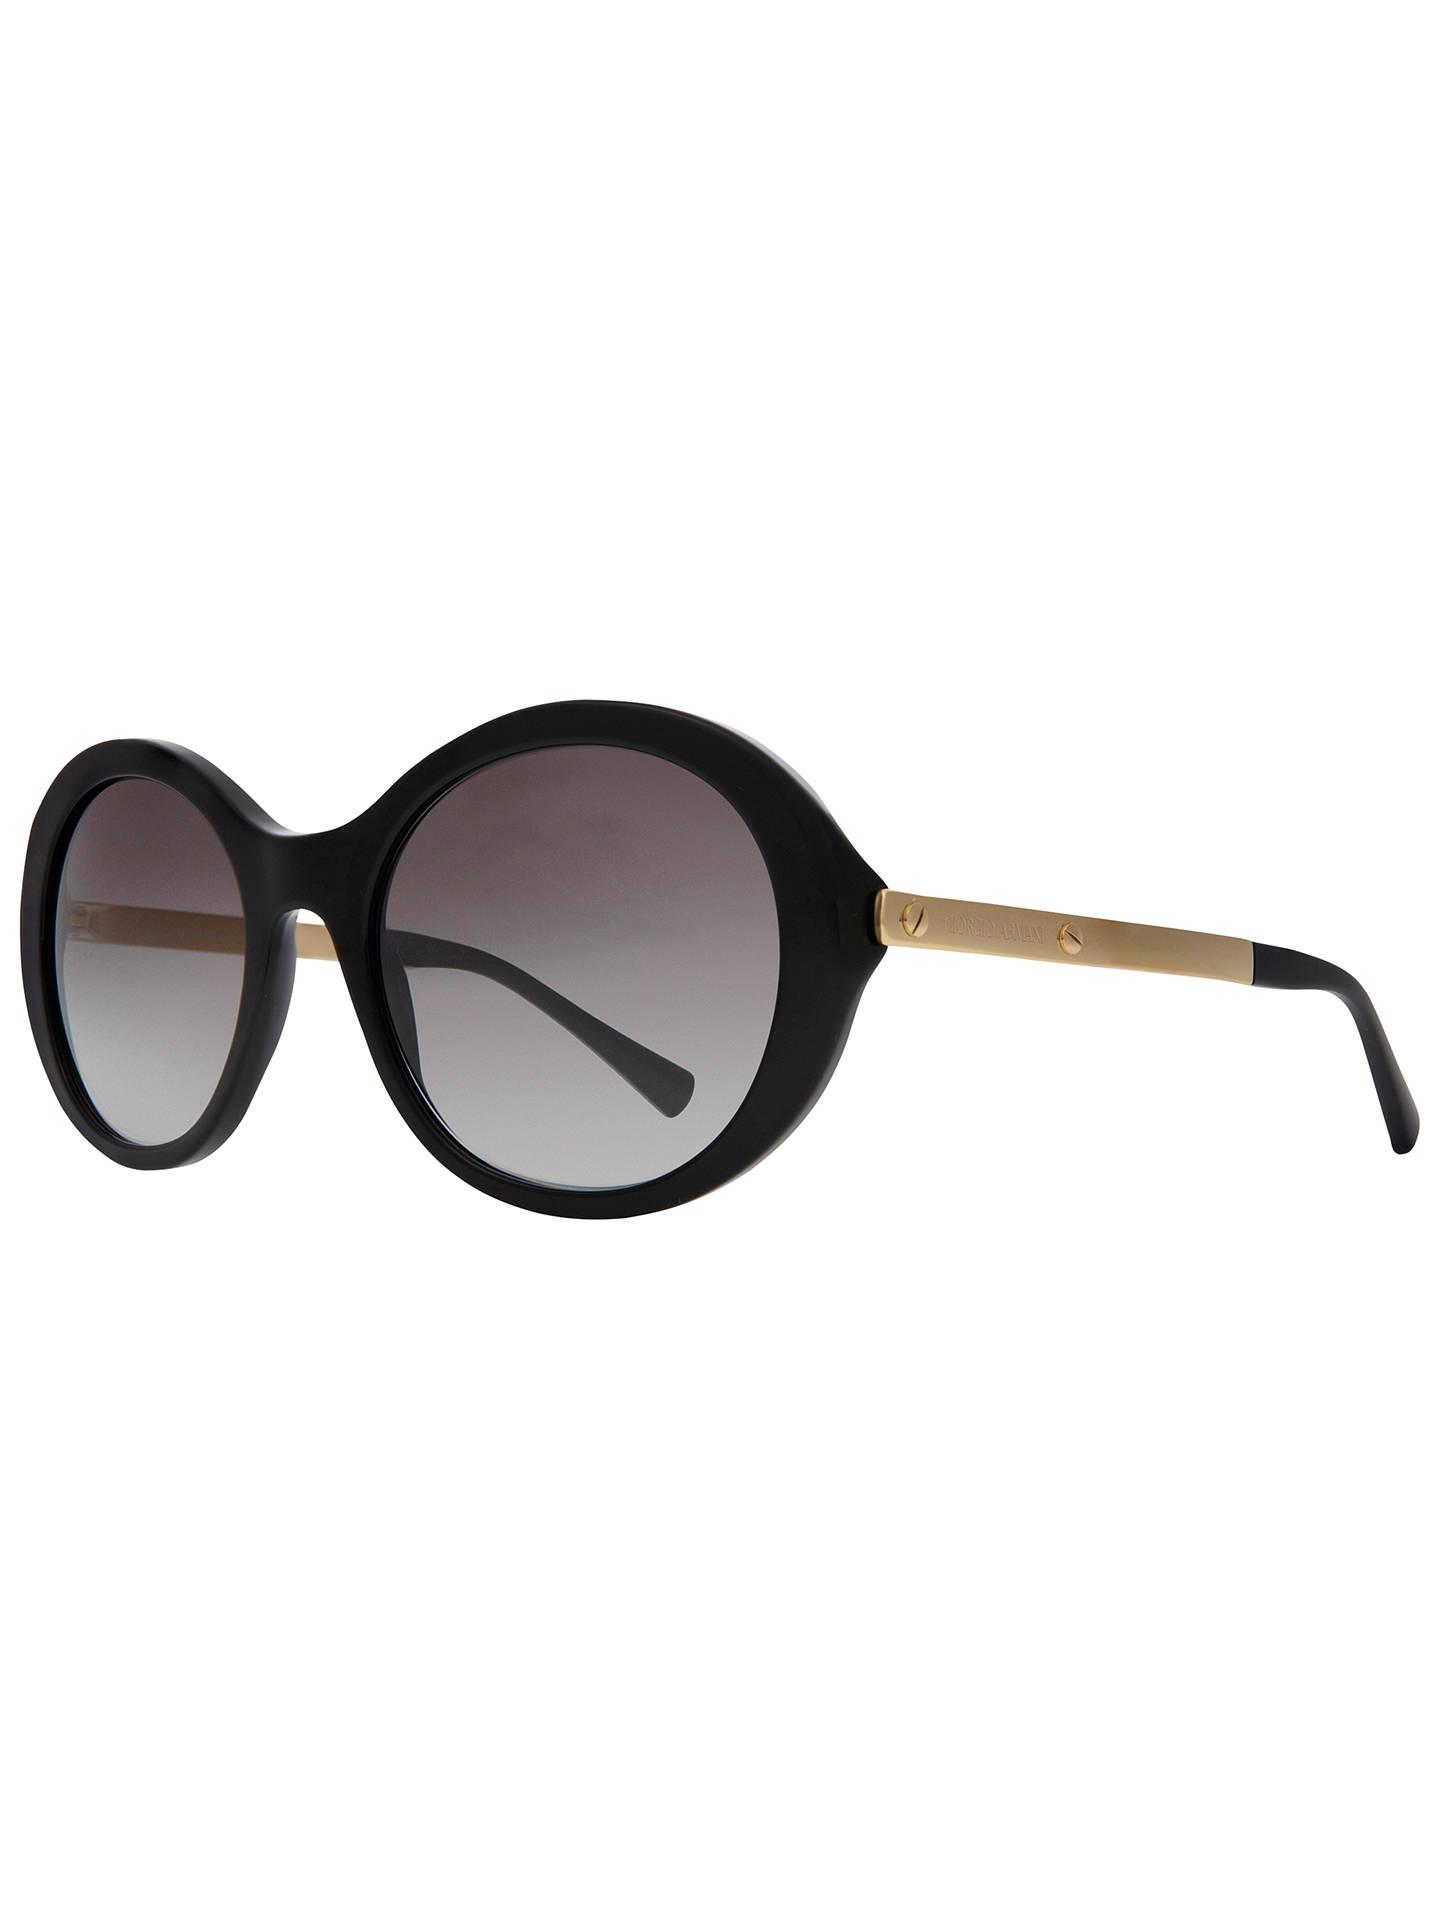 eefb65faeea Giorgio Armani AR8012 Oversized Round Sunglasses at John Lewis ...